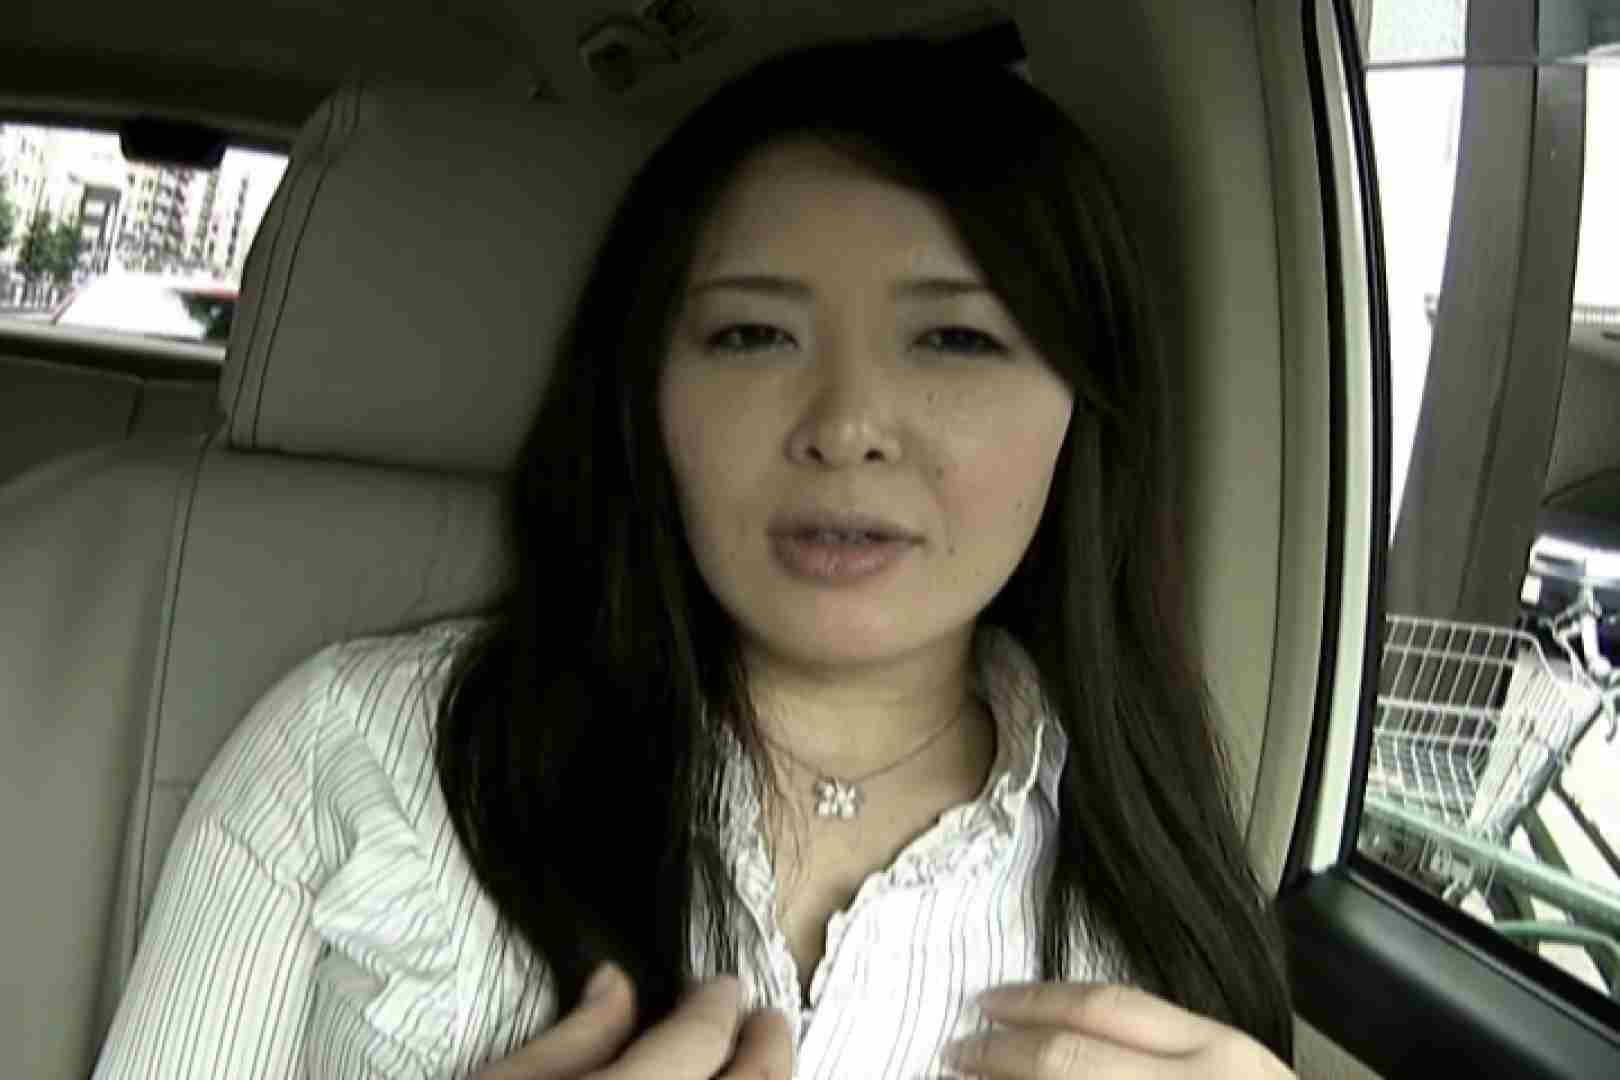 素人ナンパ本番撮り!出会い系でGET!Vol.12 人妻エロ映像 エロ無料画像 91pic 47